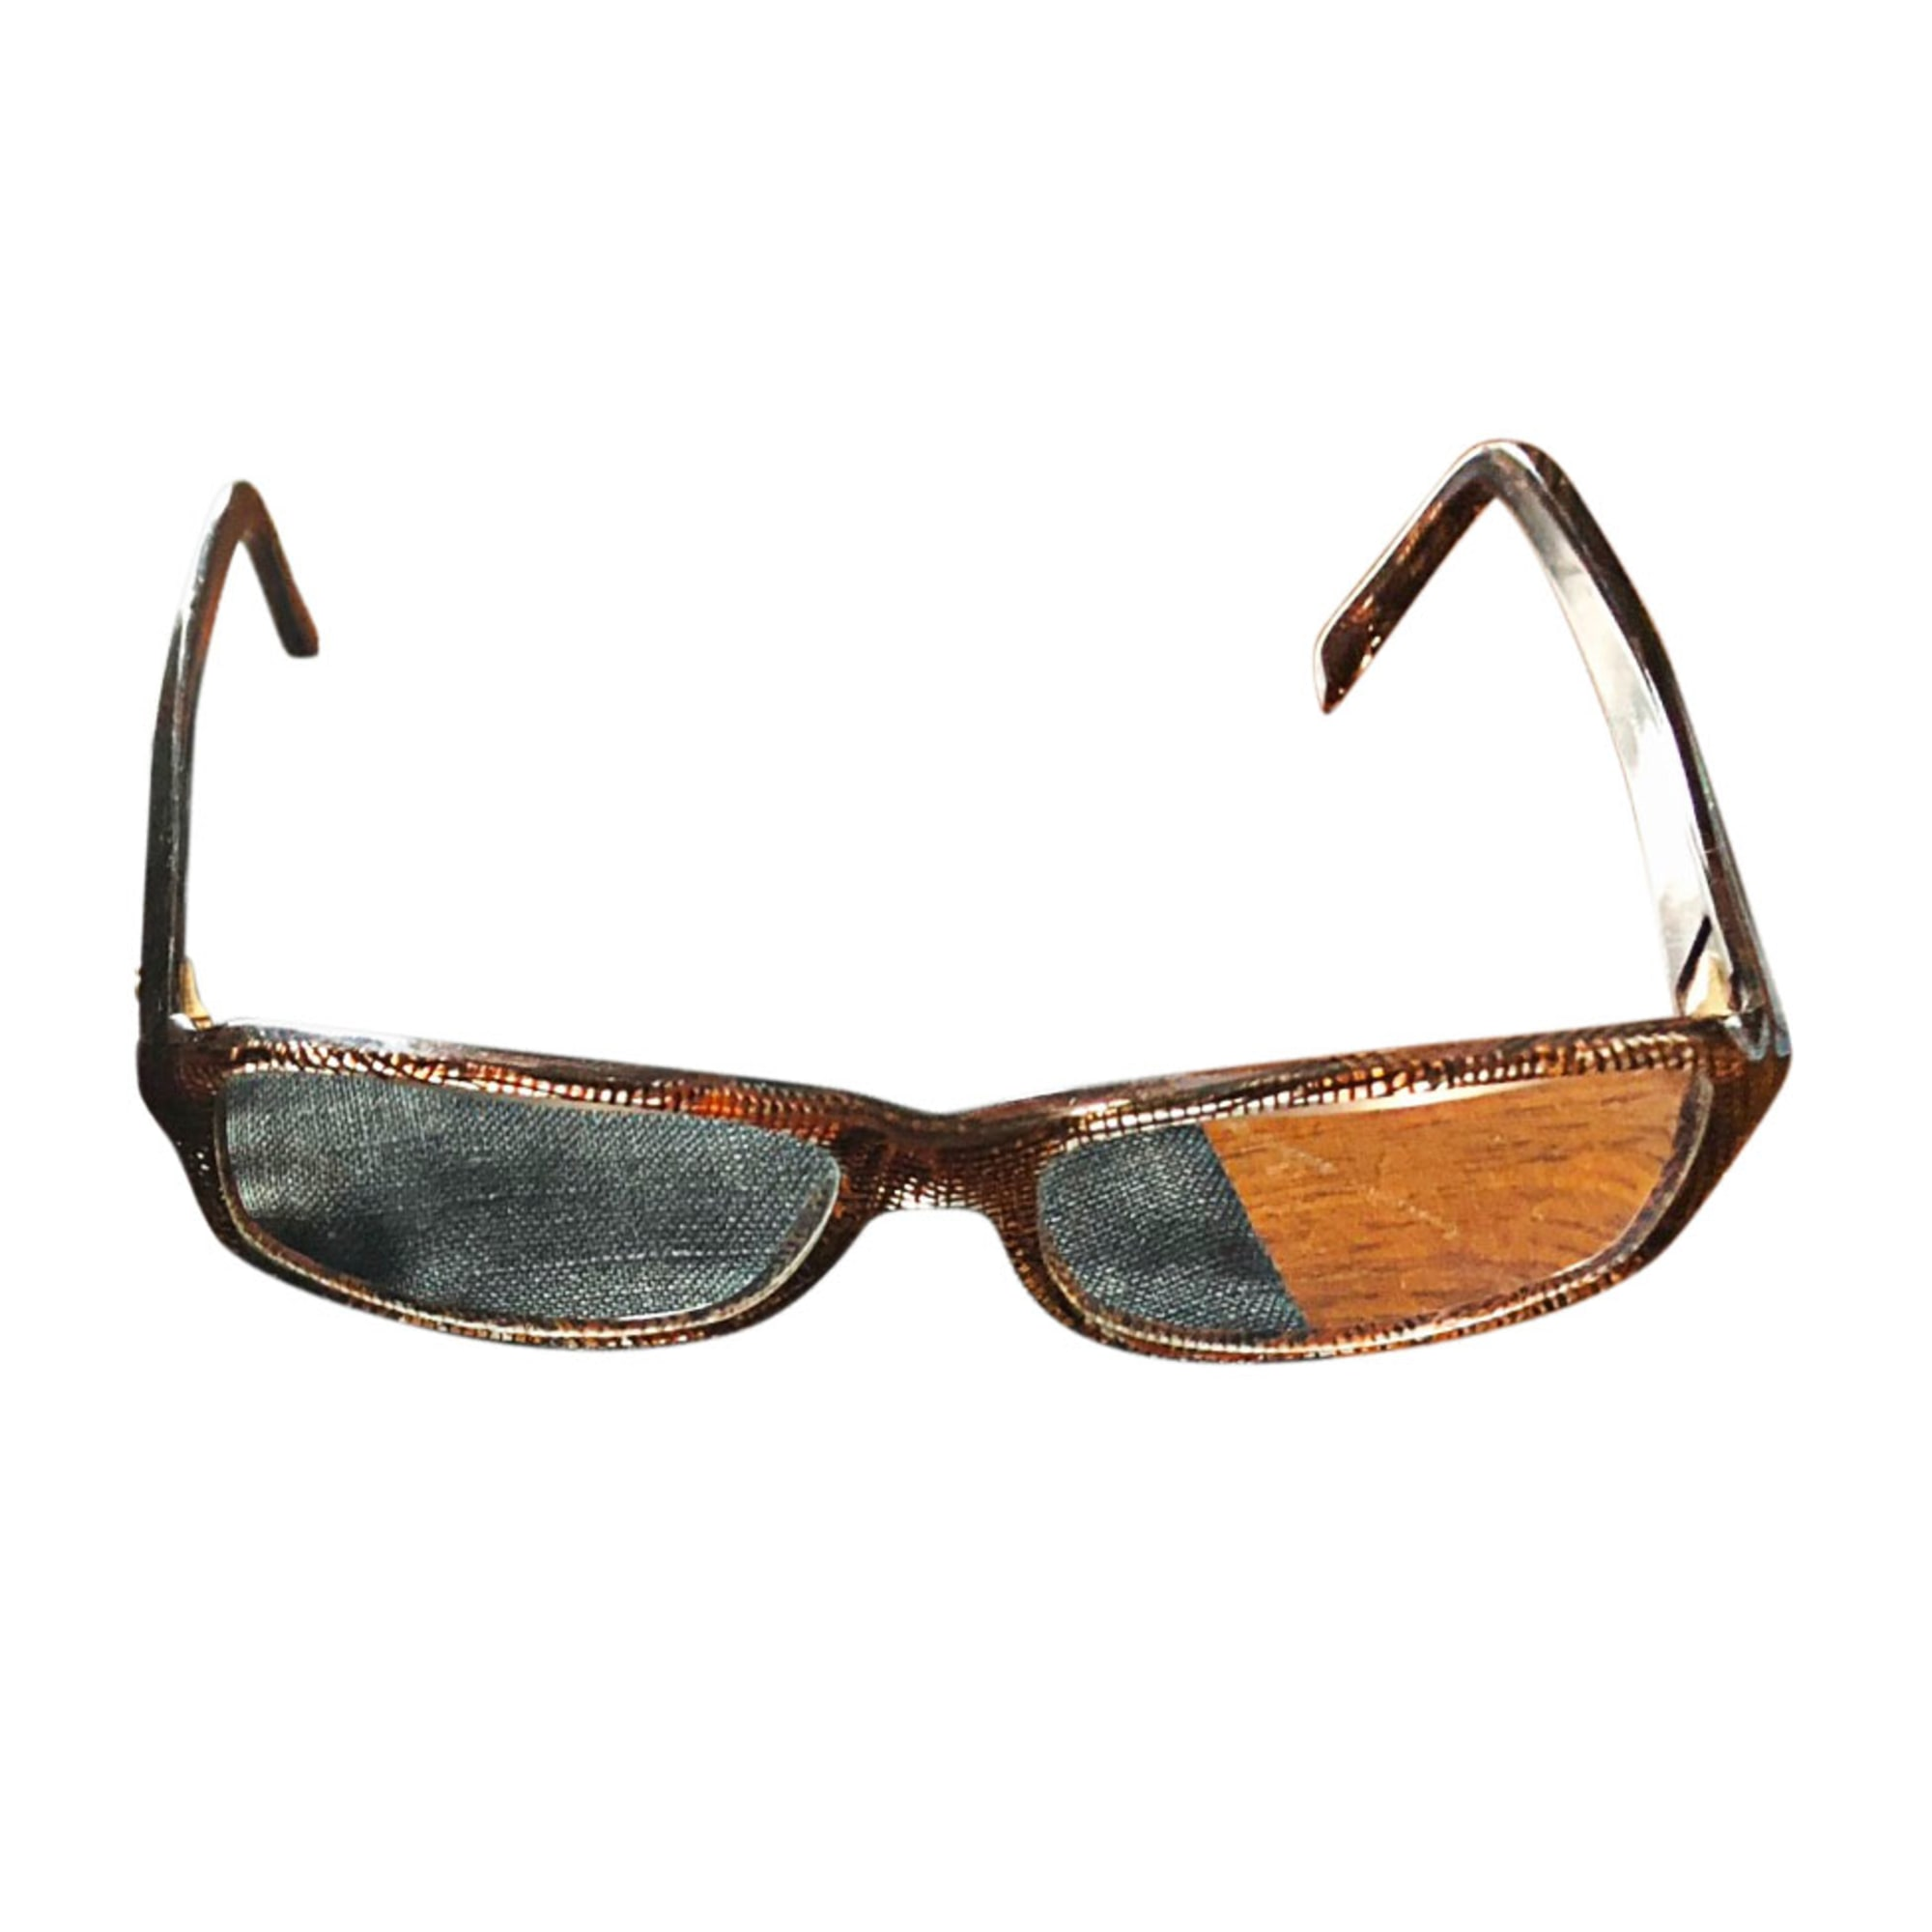 Monture de lunettes CHANEL marron - 8224439 ed999442622f